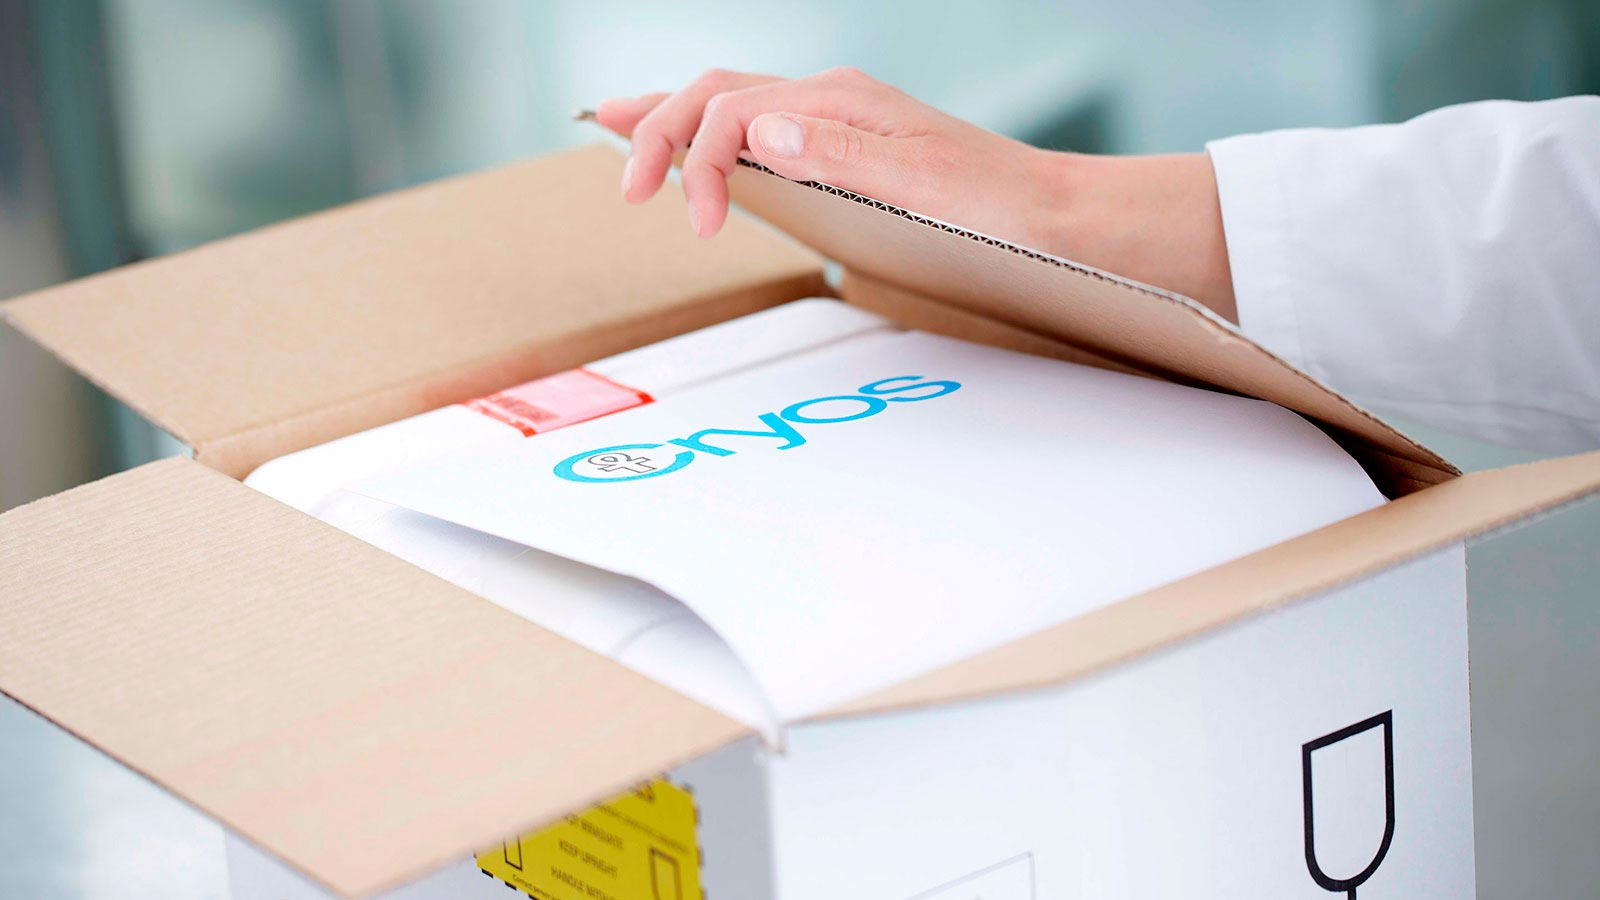 Employé de Cryos préparant un récipient de glace sèche pour l'expédition de sperme de donneur à un client